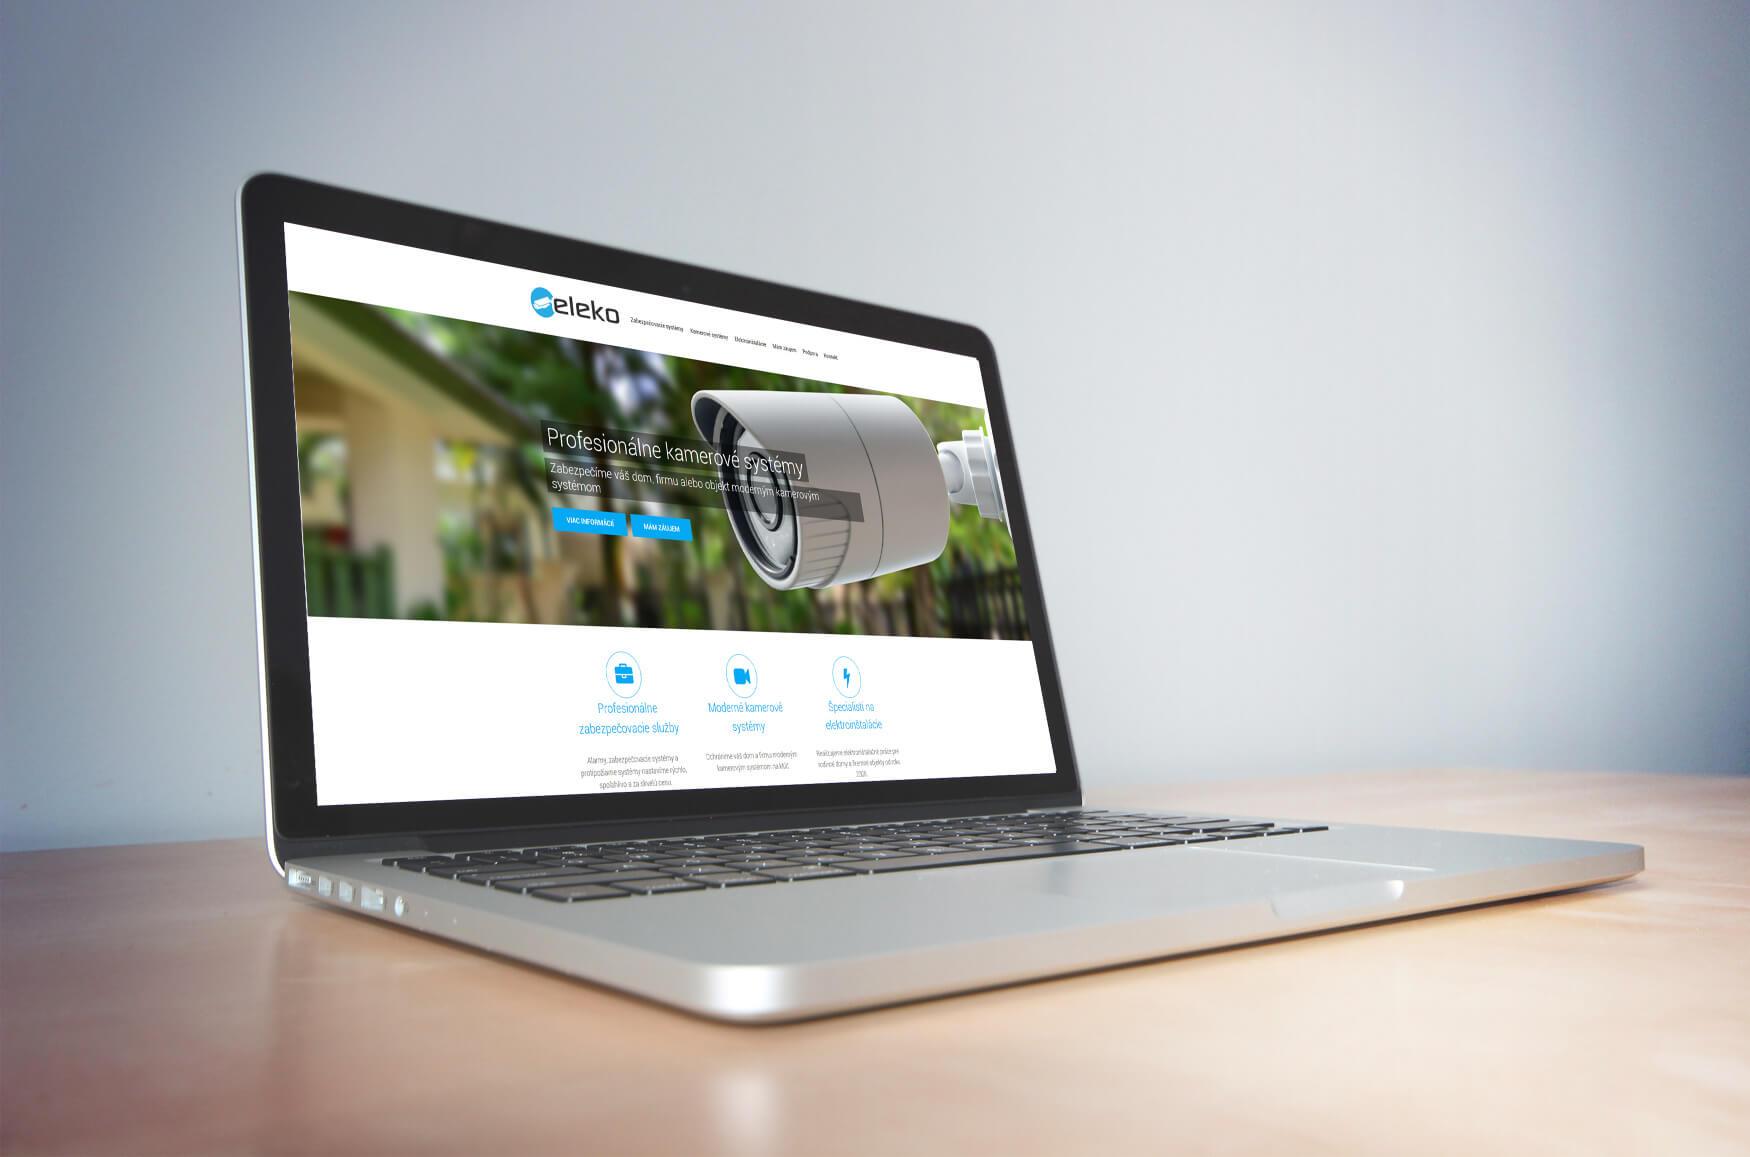 Tvorba web stránok lacno a rýchlo - referencie | Webovica.sk